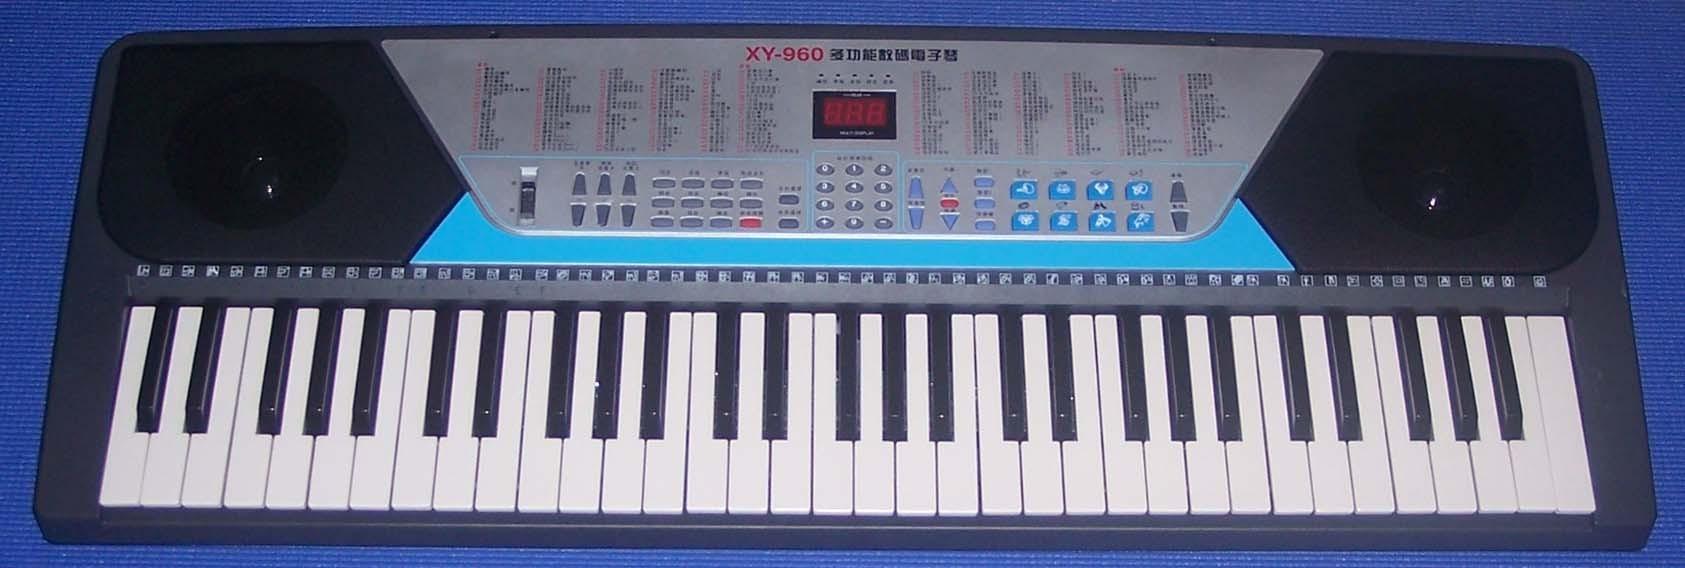 新韵XY-960多功能教学型数码电子琴 功能介绍: 100种最新采样音色,100种世界最新流行自动节奏 另带8种面板打击乐、8种动物声效、8种复音键 61键的键盘打击乐,满足你一些特定的声效 具有录音功能、编程功能 有颤音、延音功能、 立体声发声系统功能 学习功能,学习A(一键一音)学习B (鼓点节奏弹法) 多指单指和弦伴奏 升调降调功能 LED显示屏,话筒输入,耳机插孔,交直流两用 难得的是有40首国内外最动听的示范歌曲 附送麦克风、琴谱架 注明:满10台 按170元给 满20台 就可以按160元给(含